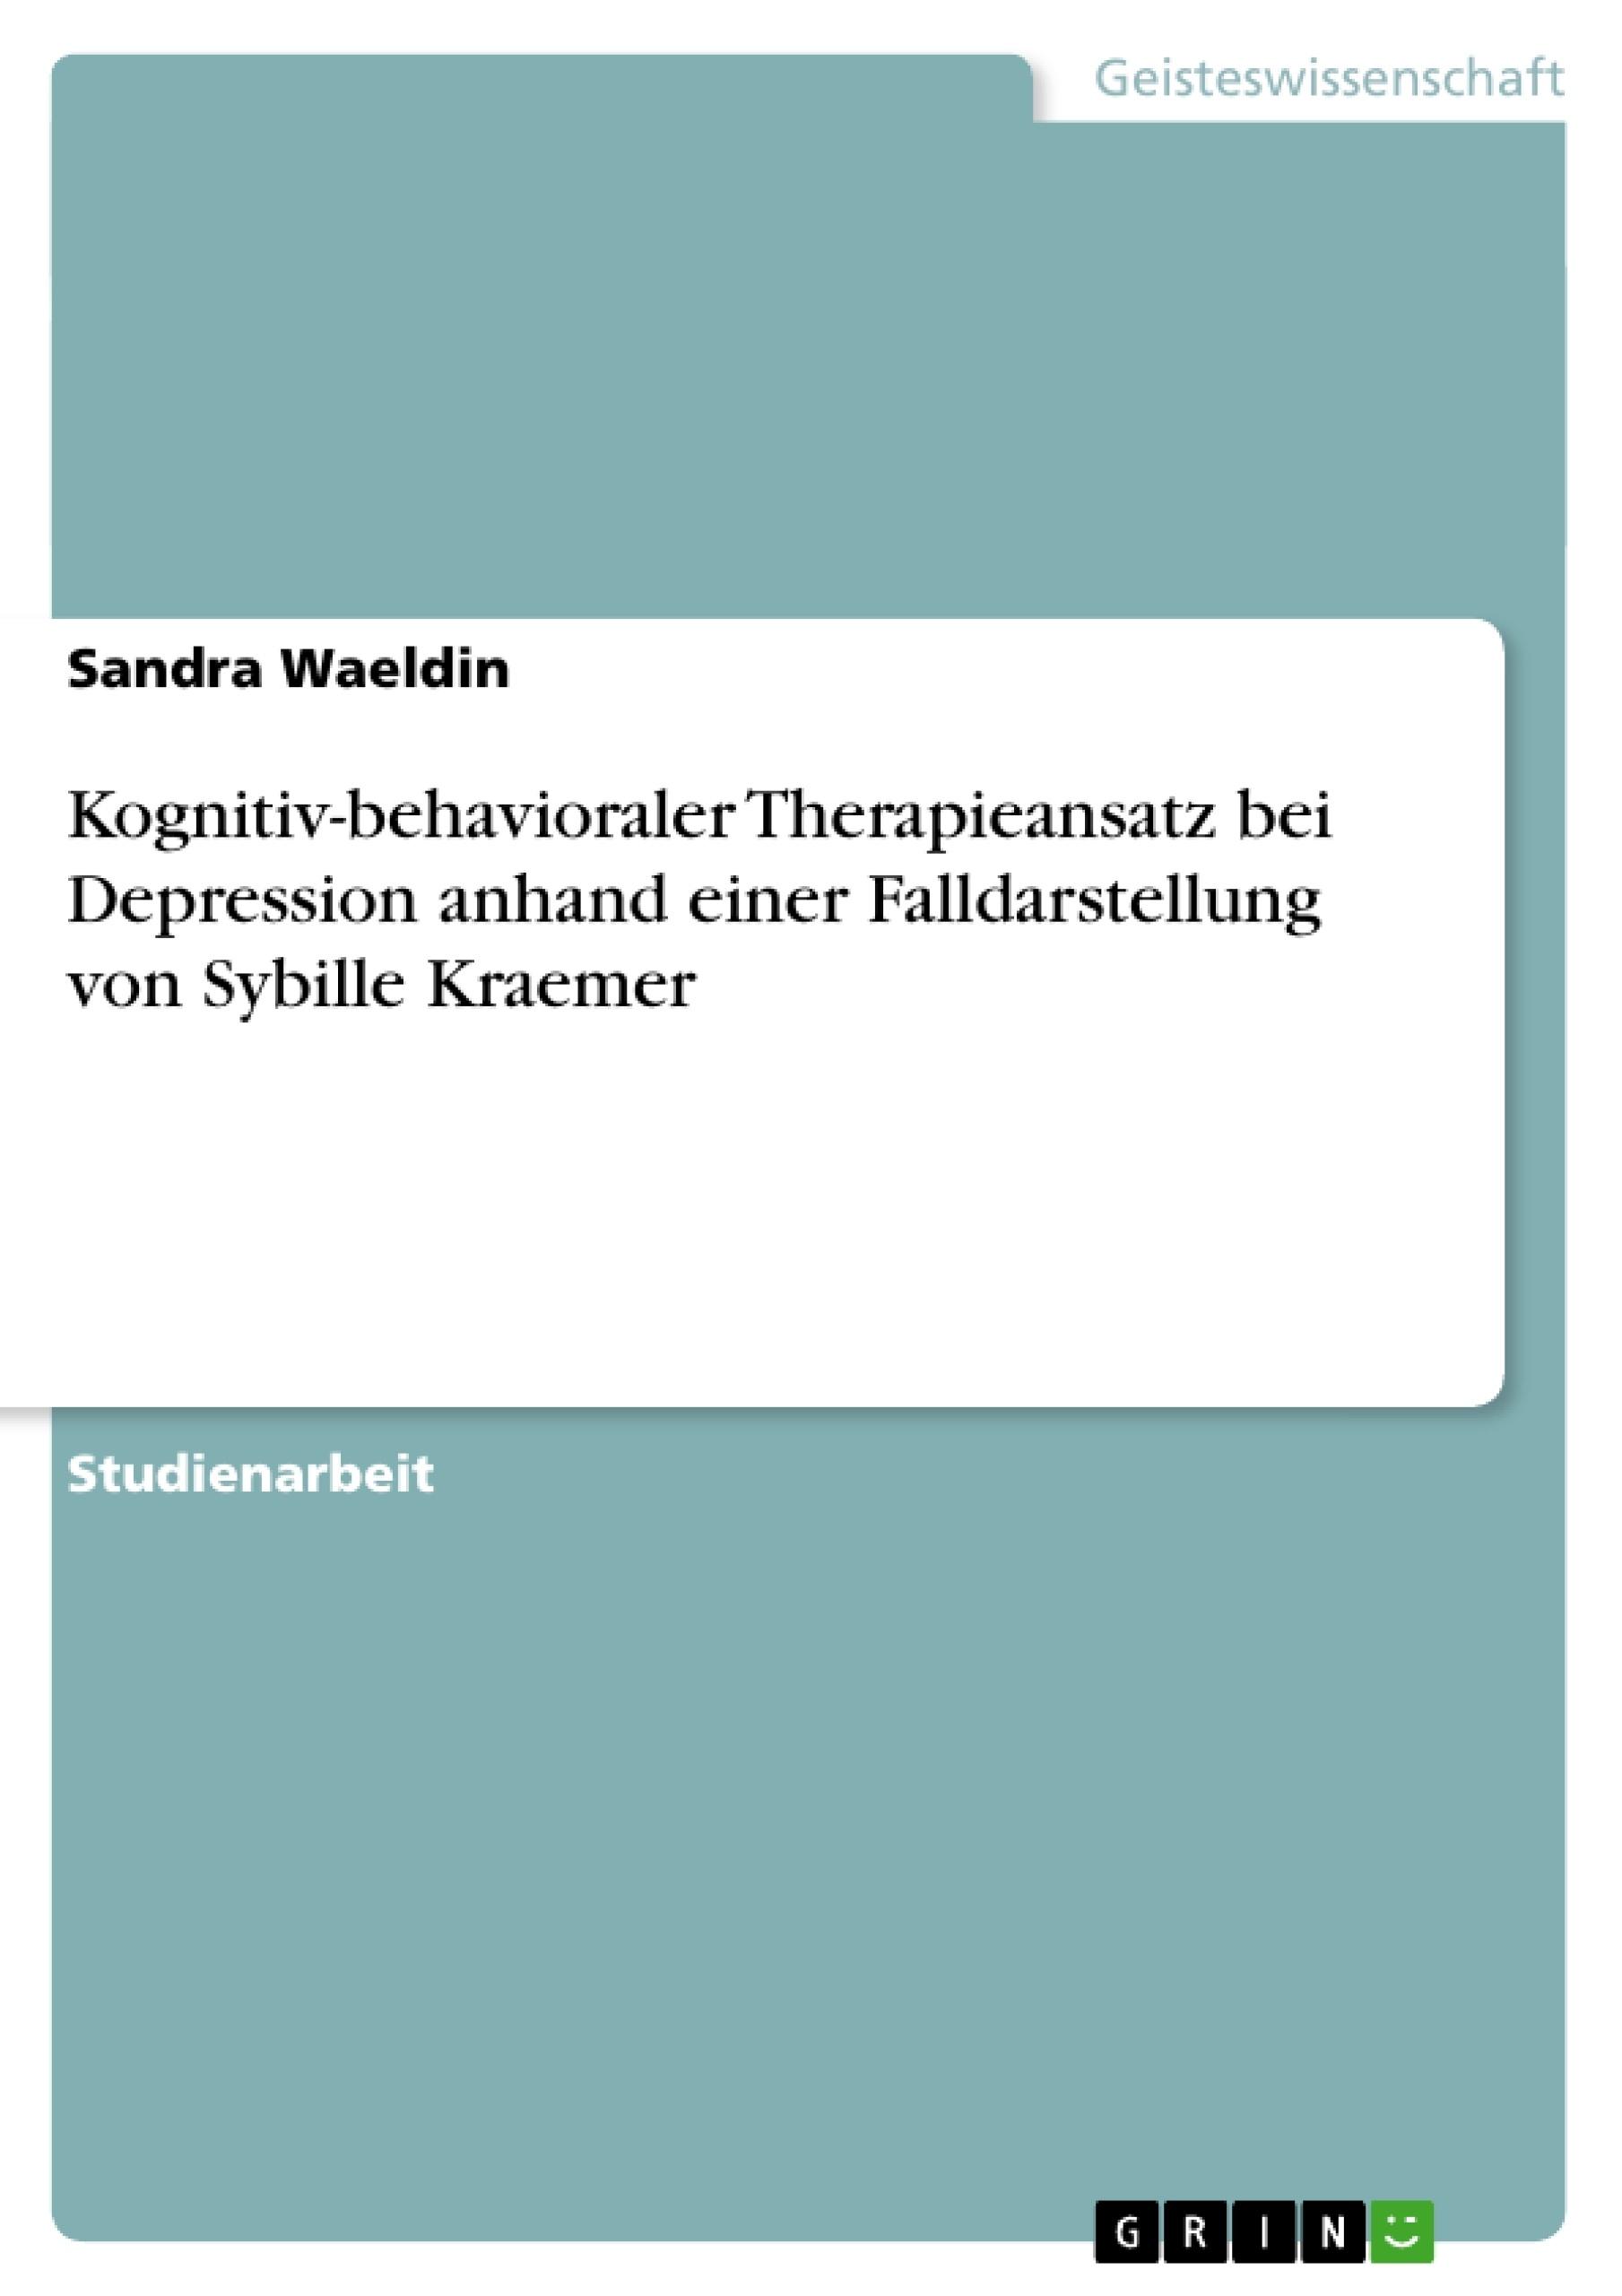 Titel: Kognitiv-behavioraler Therapieansatz bei Depression anhand einer Falldarstellung von Sybille Kraemer